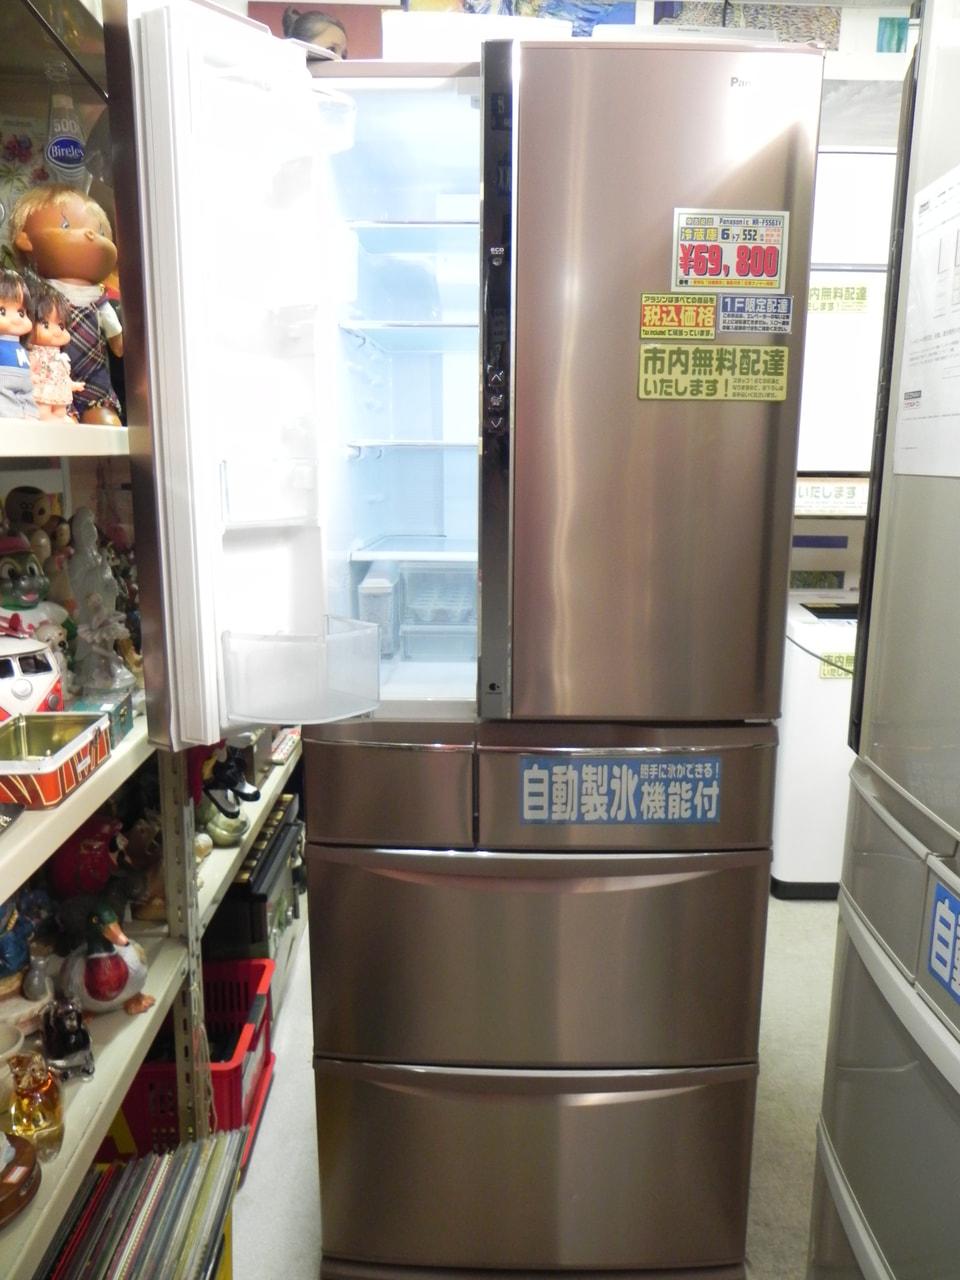 「自動製氷」機能付き6ドア冷蔵庫 Panasonic NR-F556XV